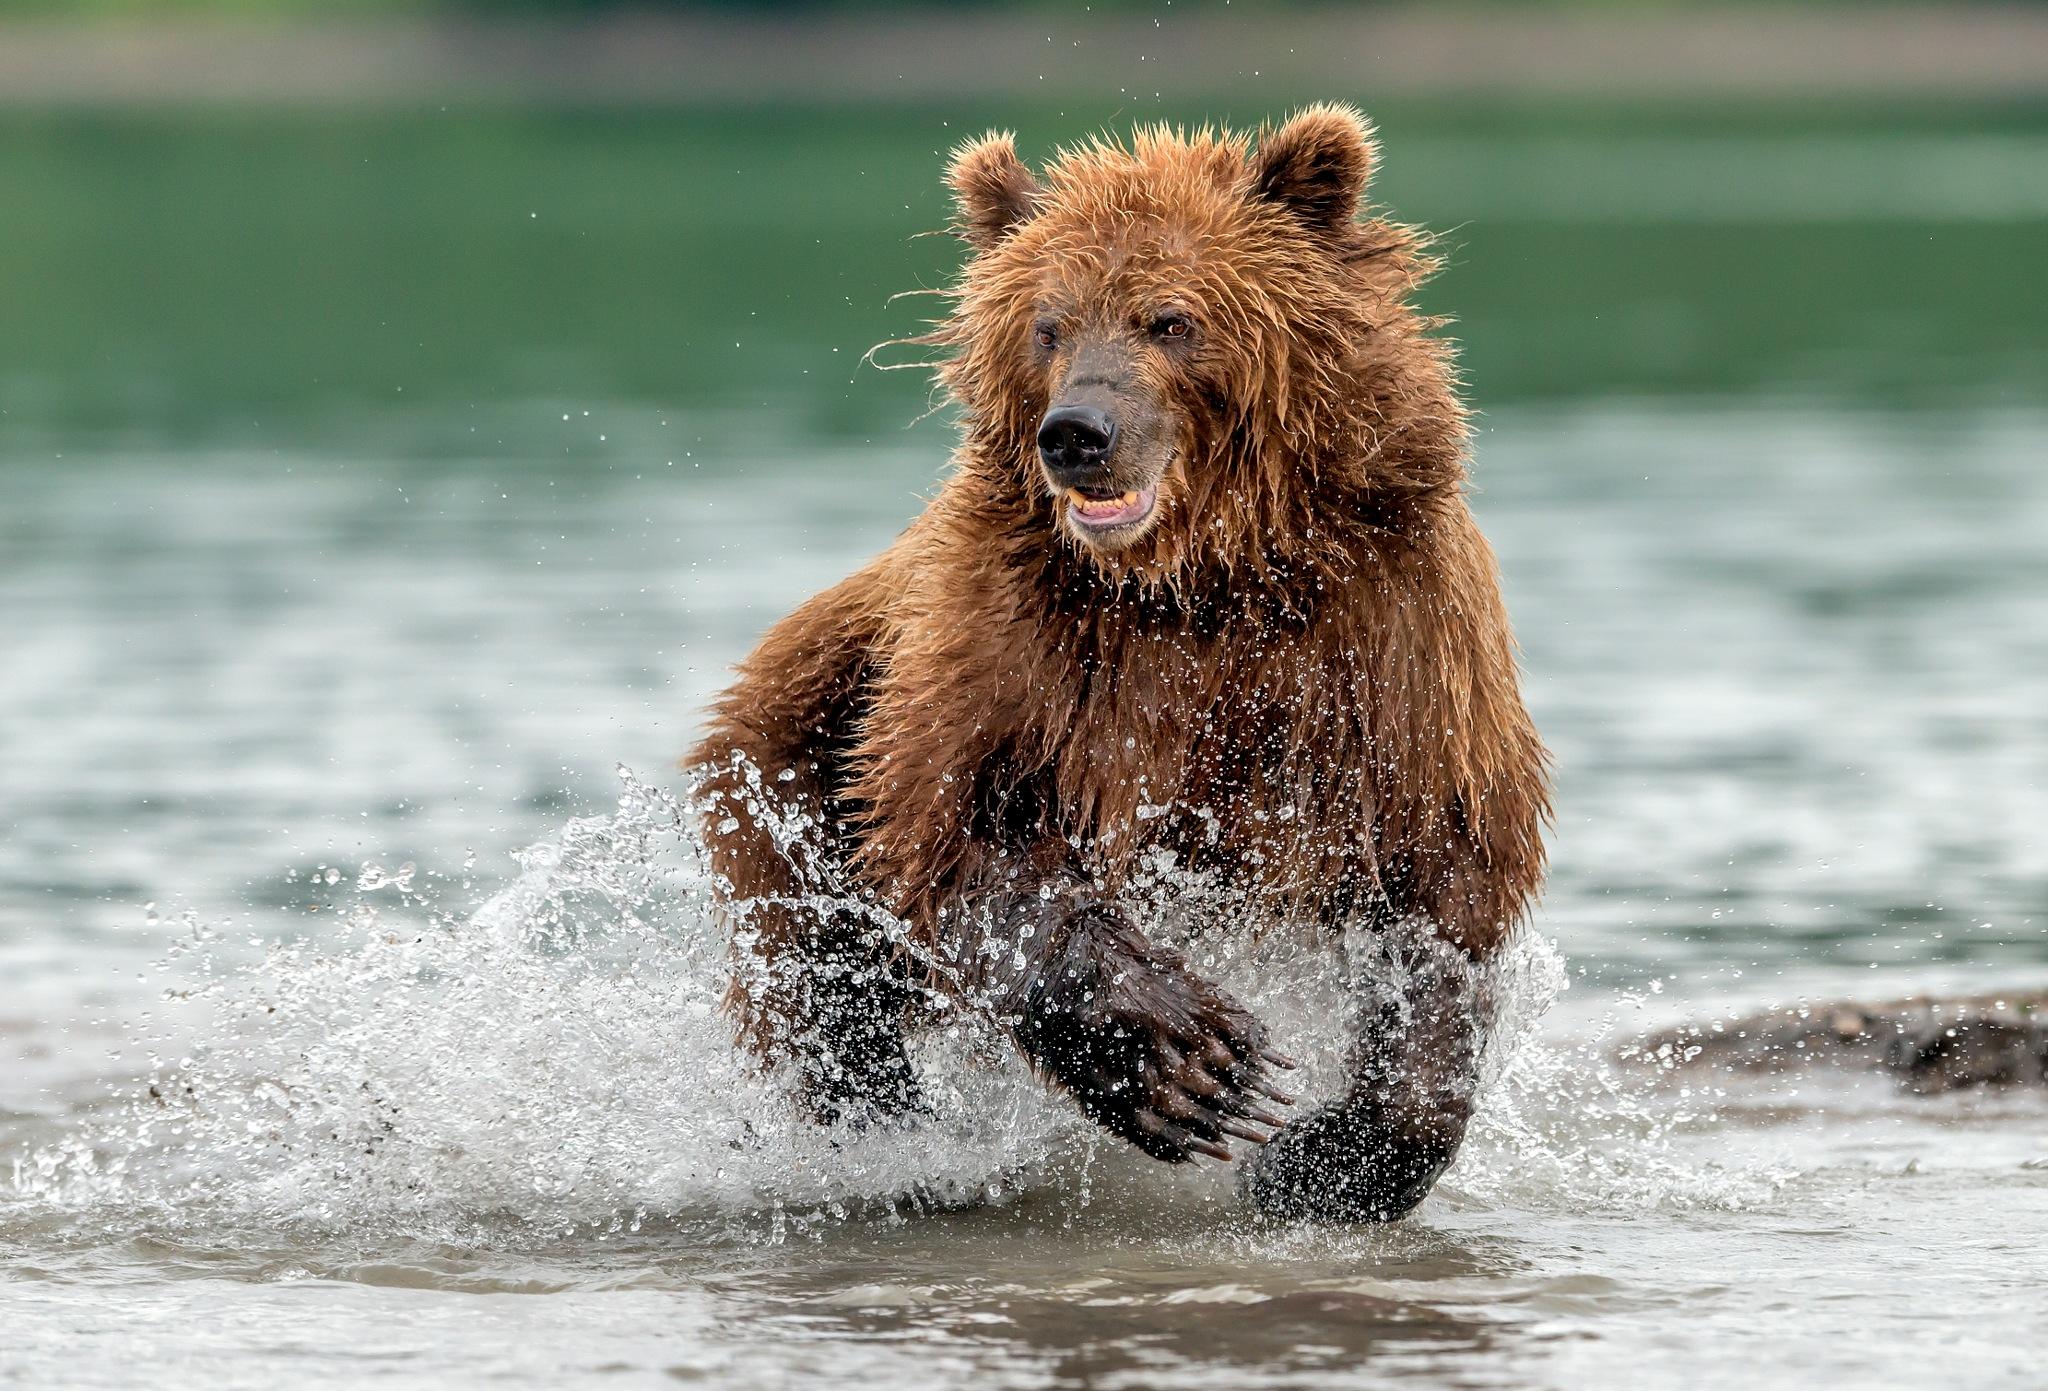 Bear by Giuseppe D'amico